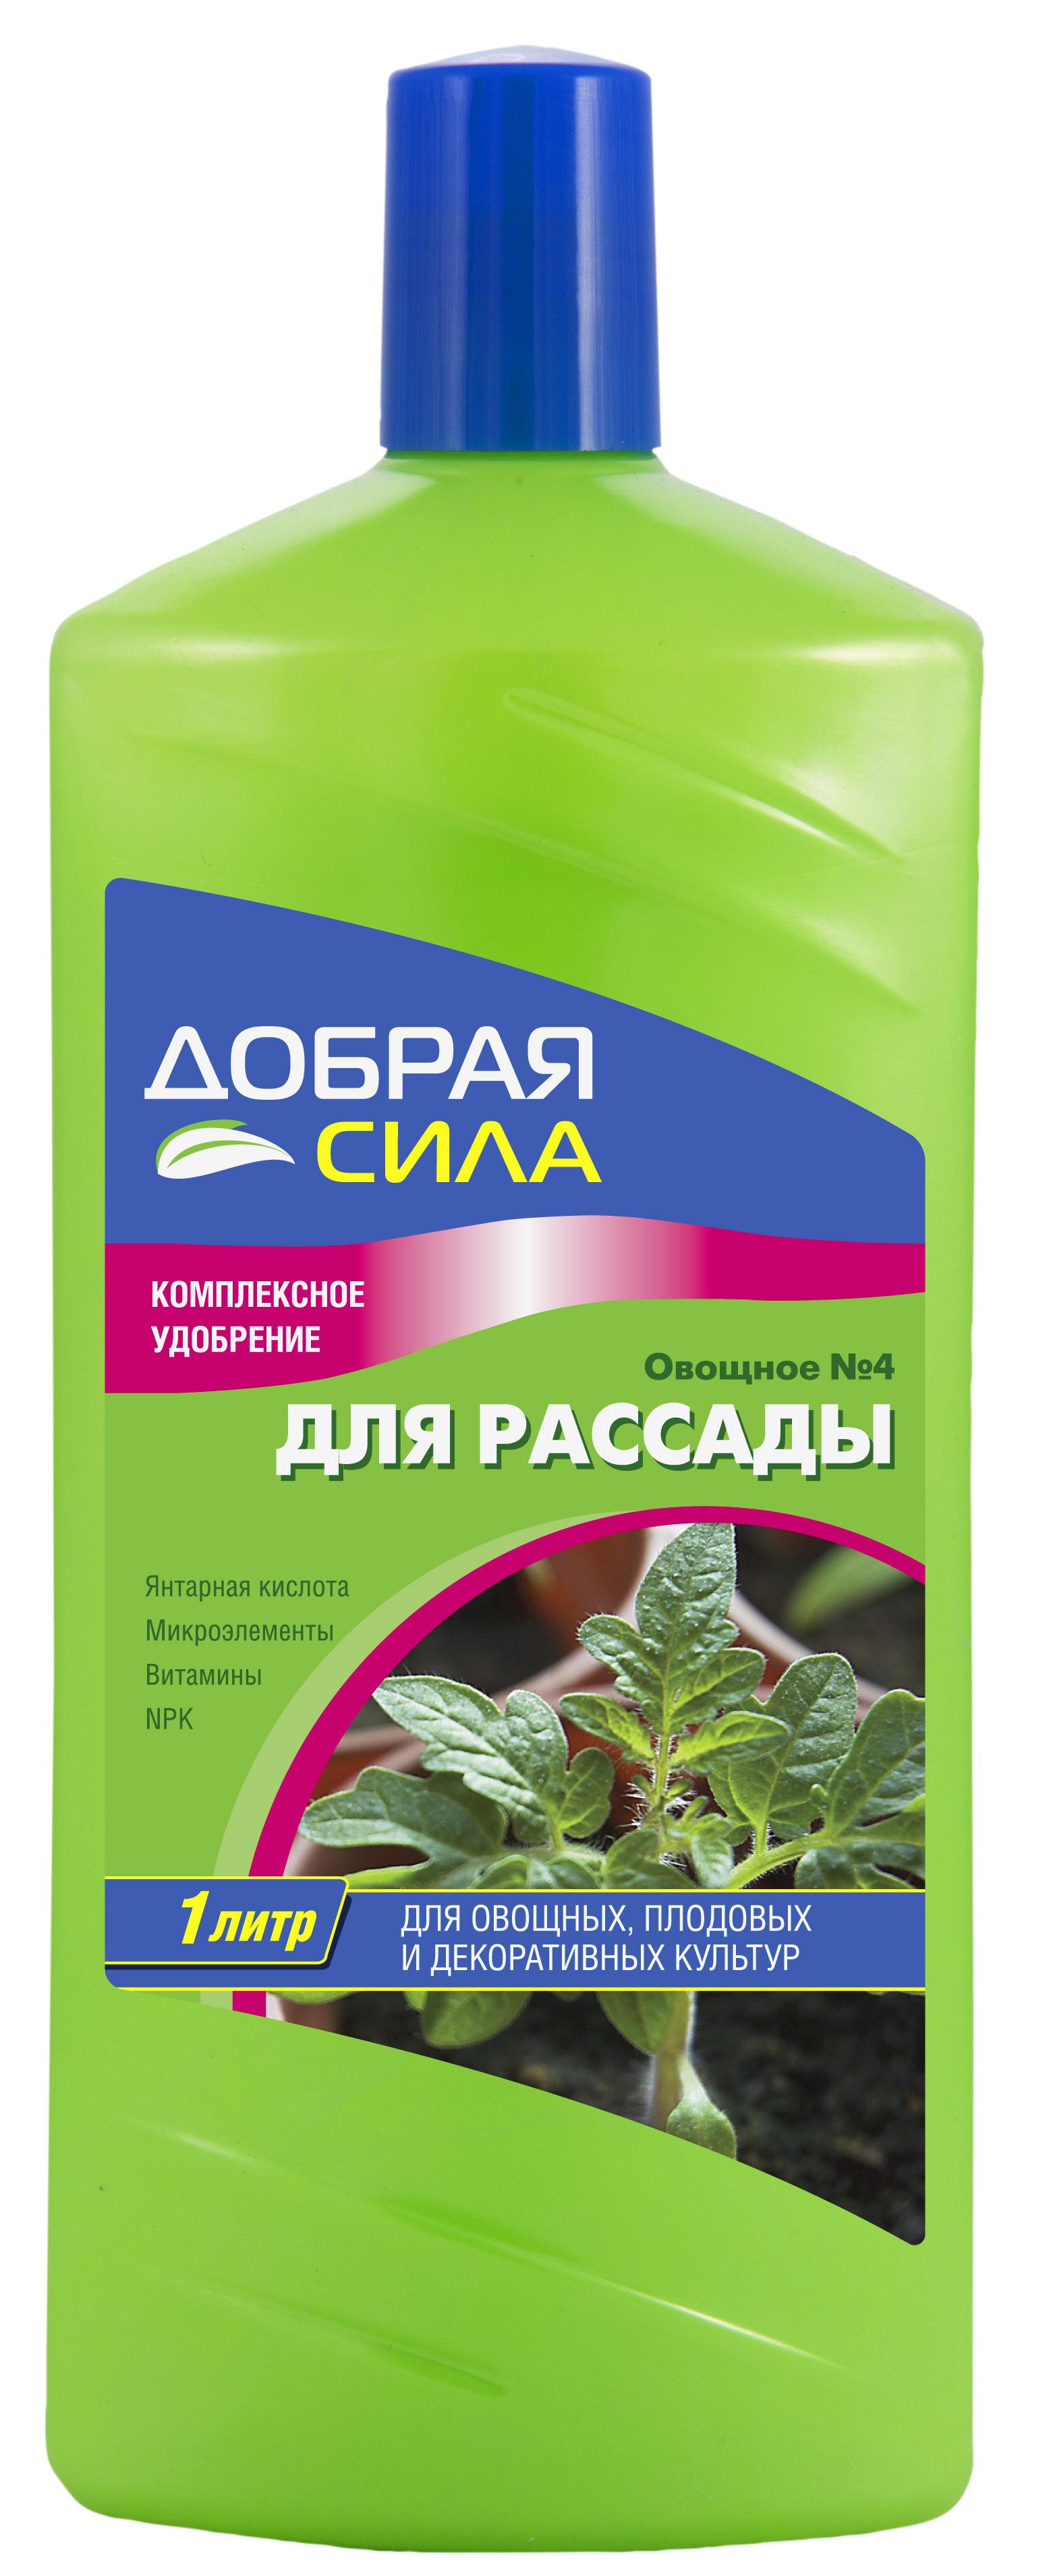 Жидкое комплексное удобрение Добрая Сила, для рассады, 1 лBF-21-01-021-1Удобрение для крепкой, сильной и здоровой рассады, обеспечивает сбалансированное питание, стимулирует обильное цветение и образование завязей, увеличивает урожай, оздоравливает корневую систему растений. Способствует будущему богатому урожаю